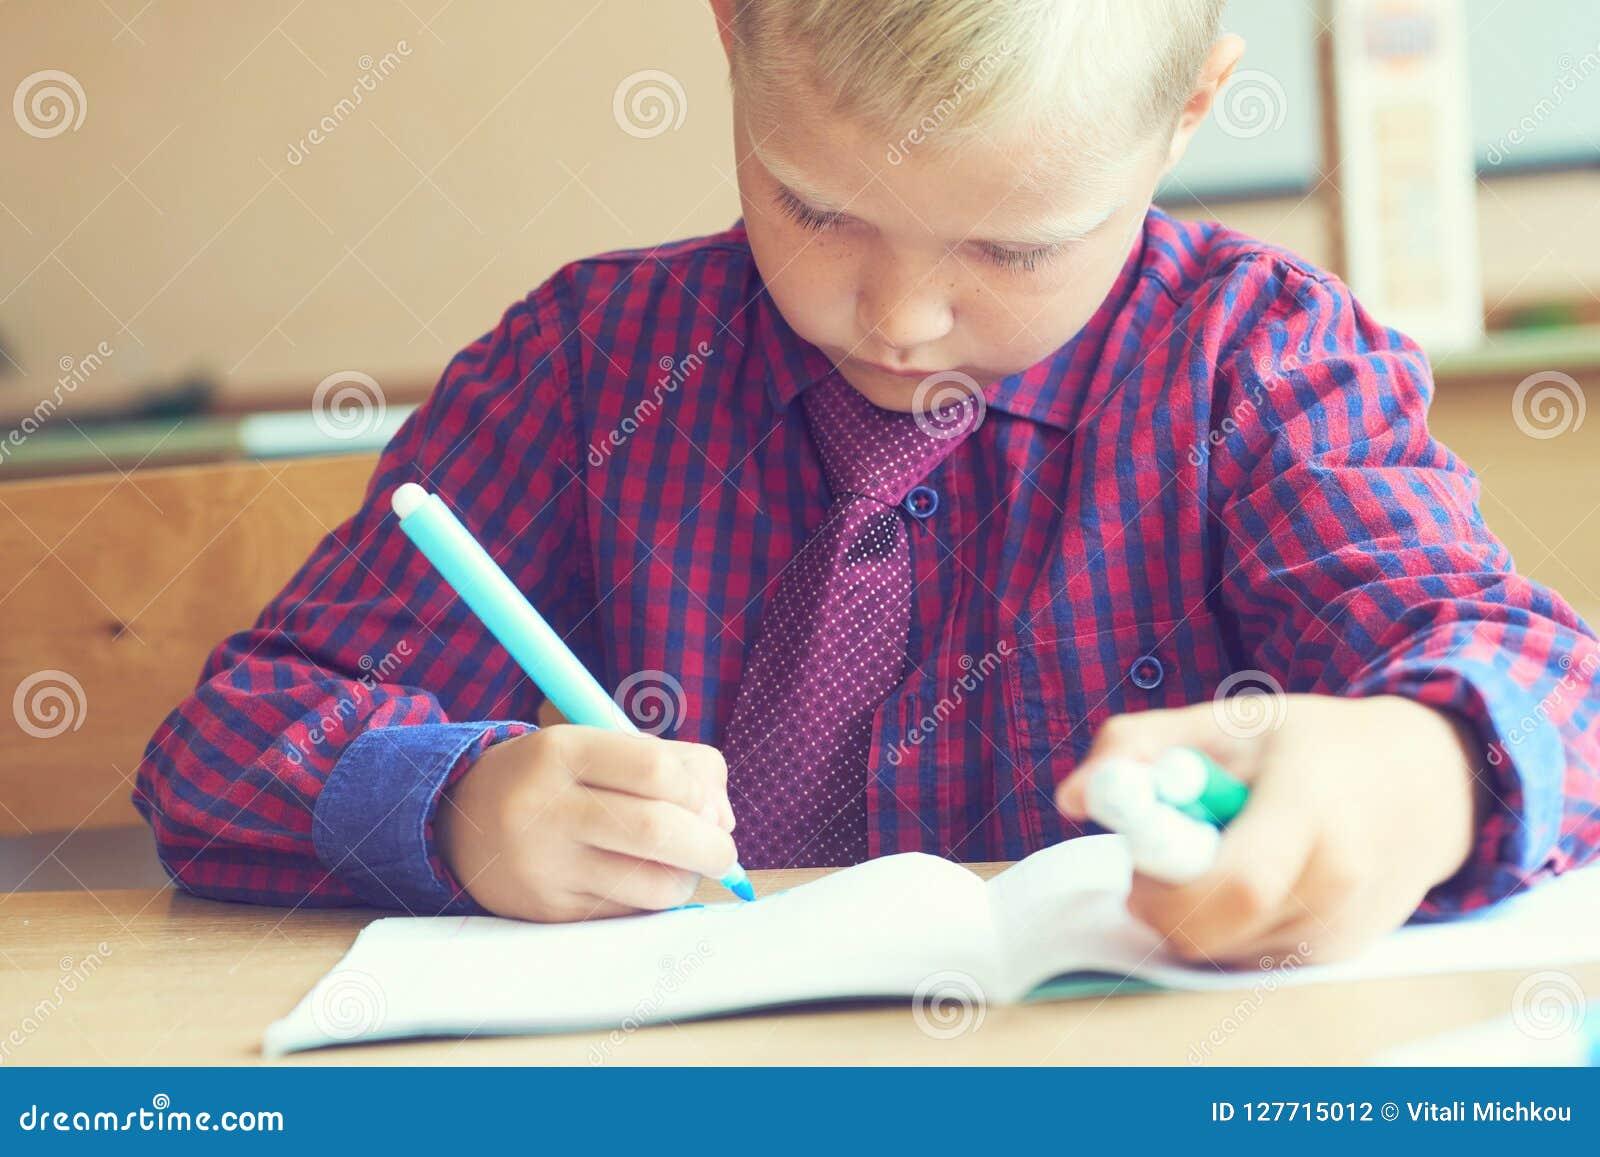 Junge Malt Ein Bild Ein Schones Kind Mit Filzstiften Sitzt Am Tisch Und Nimmt An Kreativitat Und Kunst Teil Stockfoto Bild Von Schones Kunst 127715012